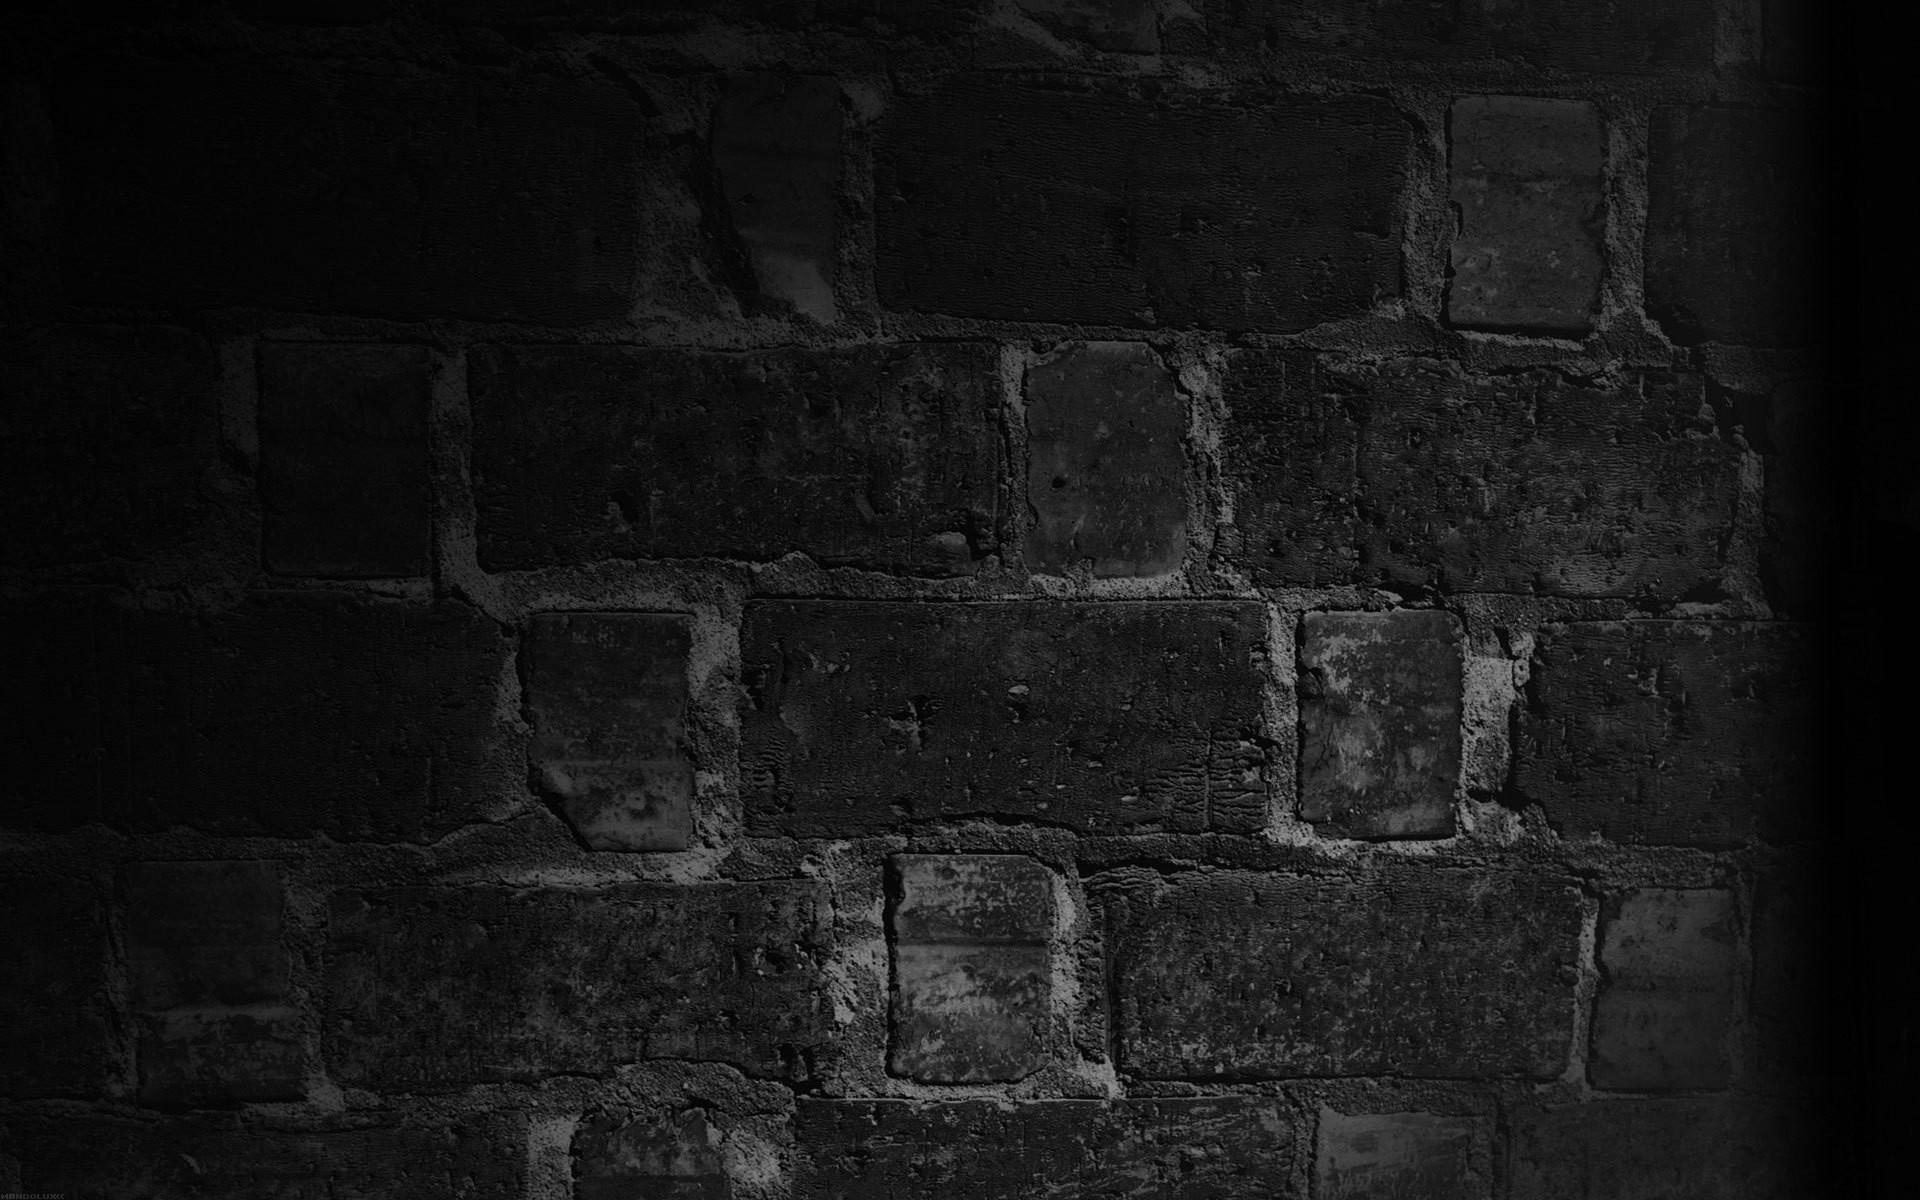 black-background-image-004